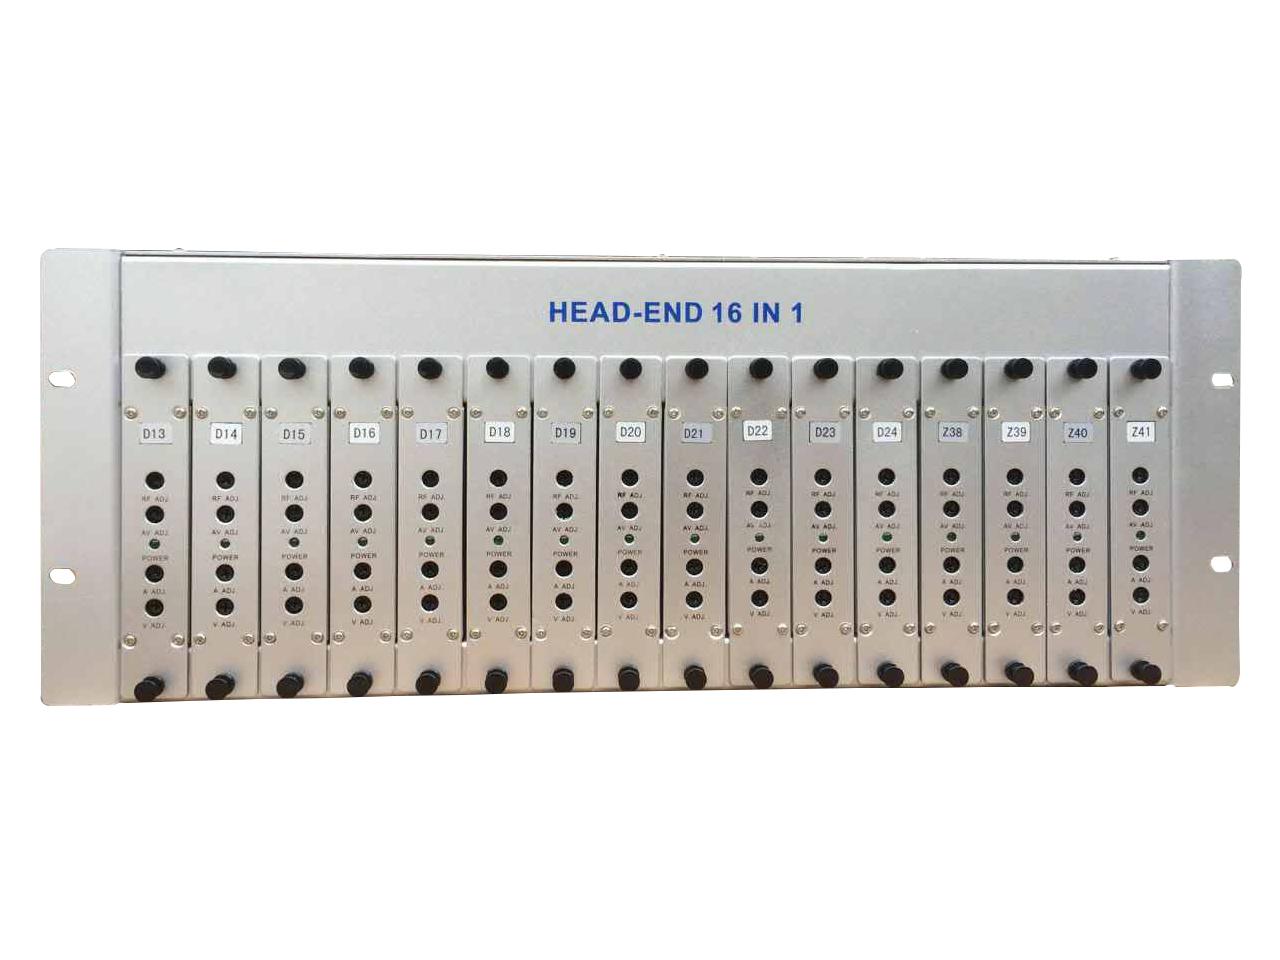 供应16路插拔式邻频调制器,插拔式调制器,广播级机顶盒共享器